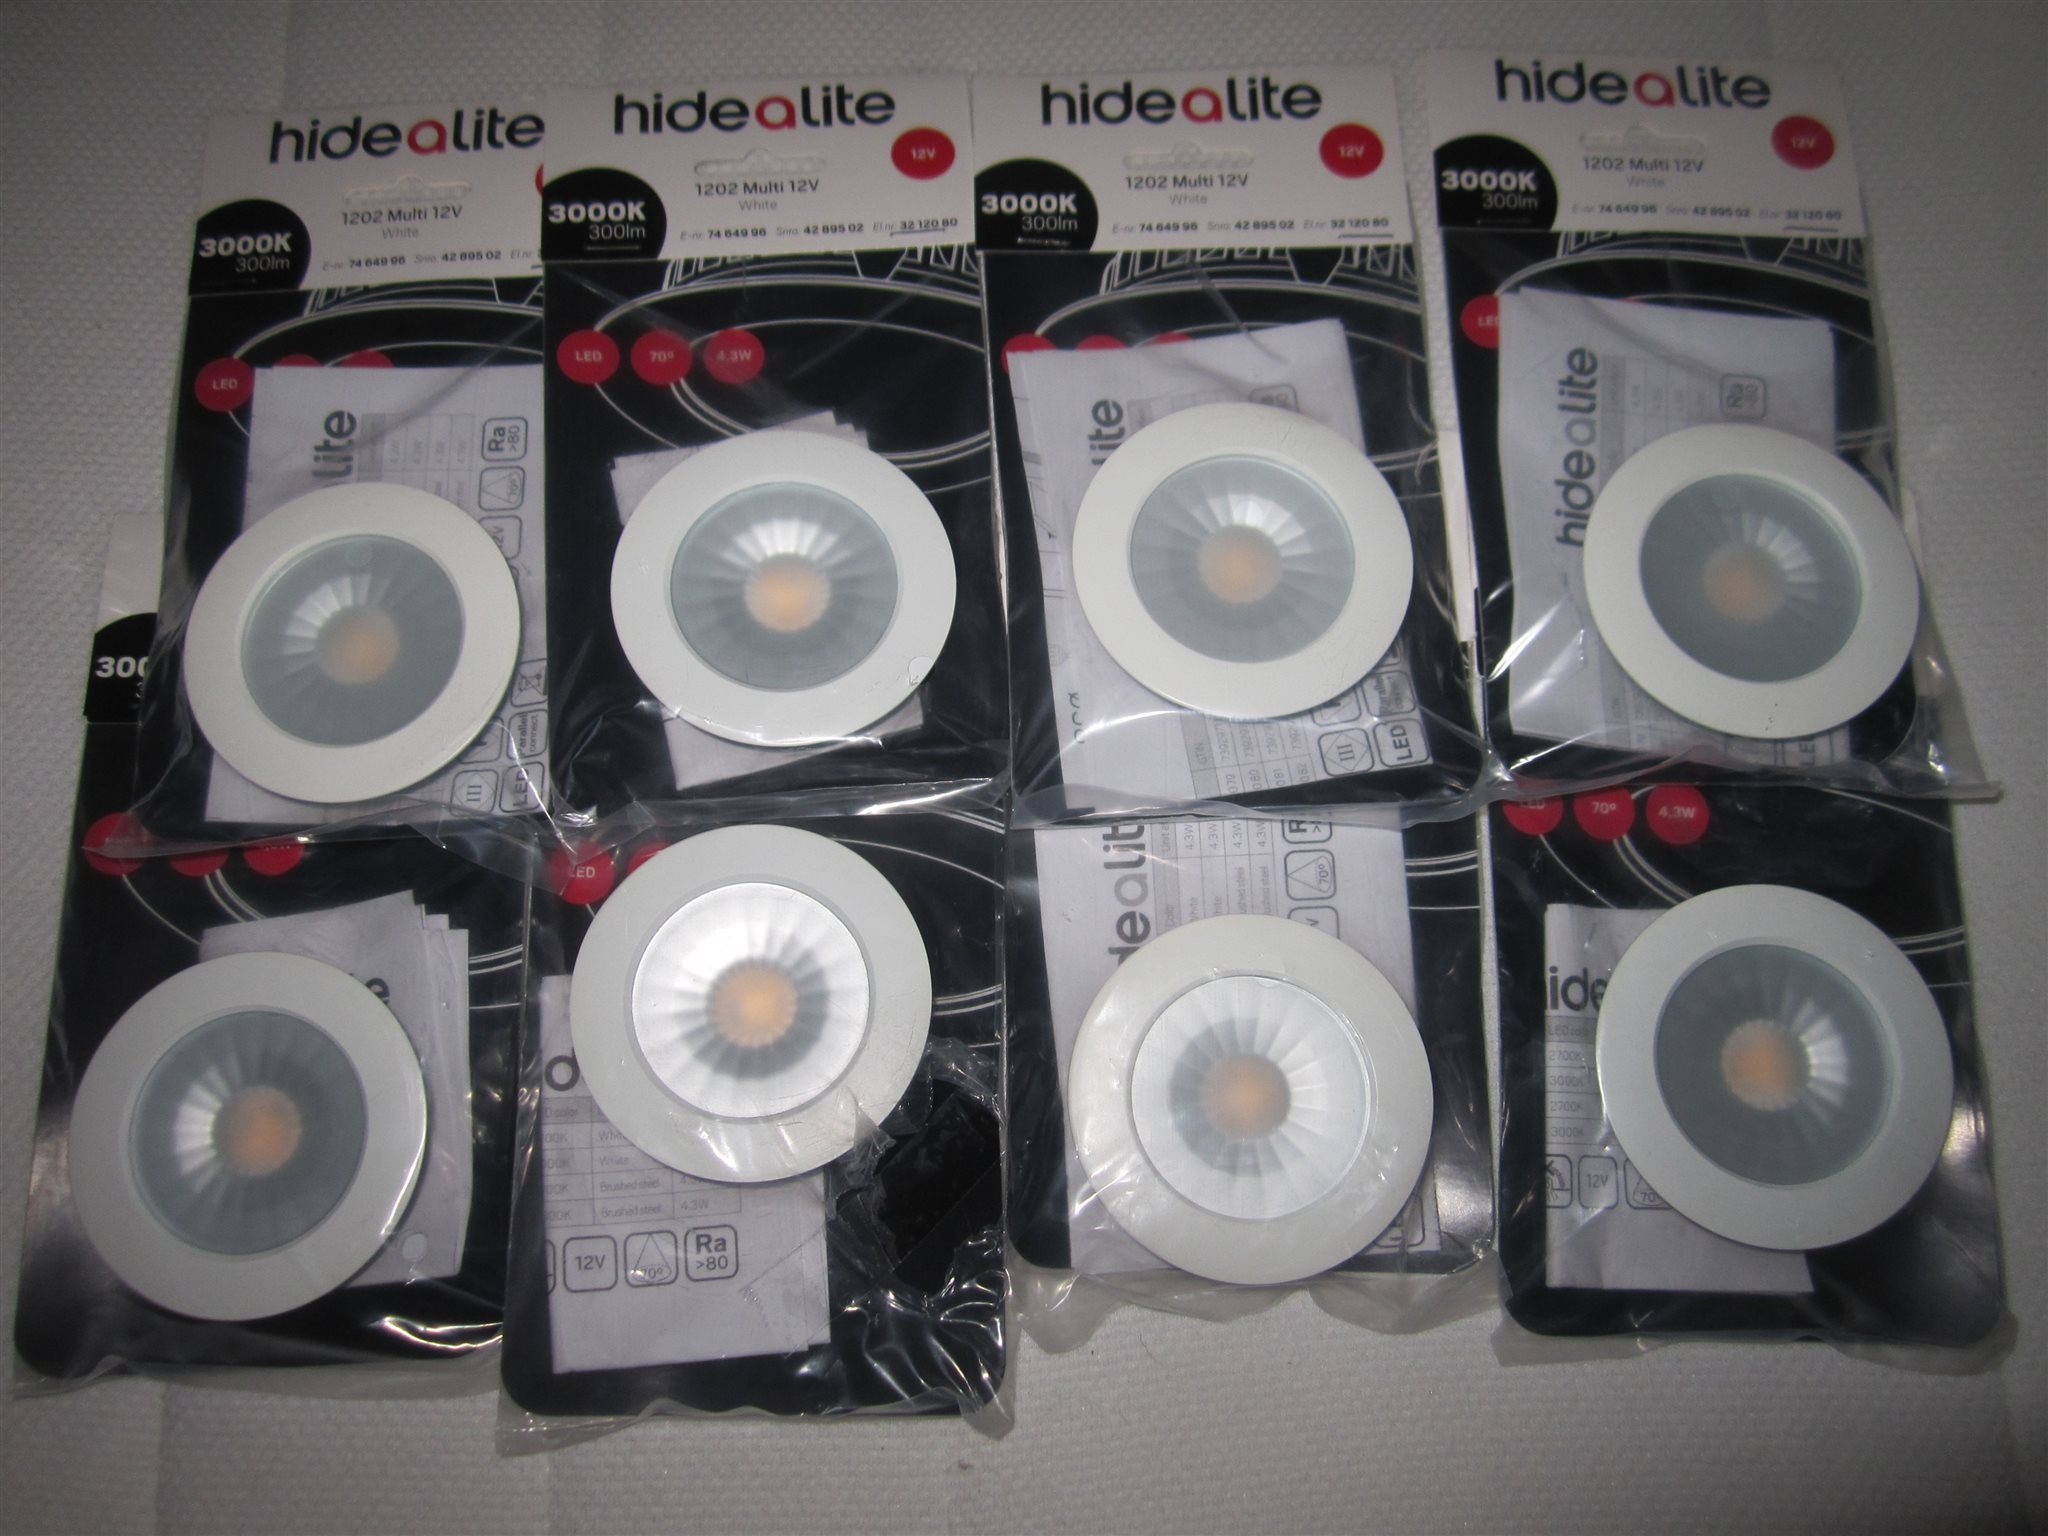 HideAlite 1202 Multi 12 V 3000K, LED Spotlights 8 st. Helt nya